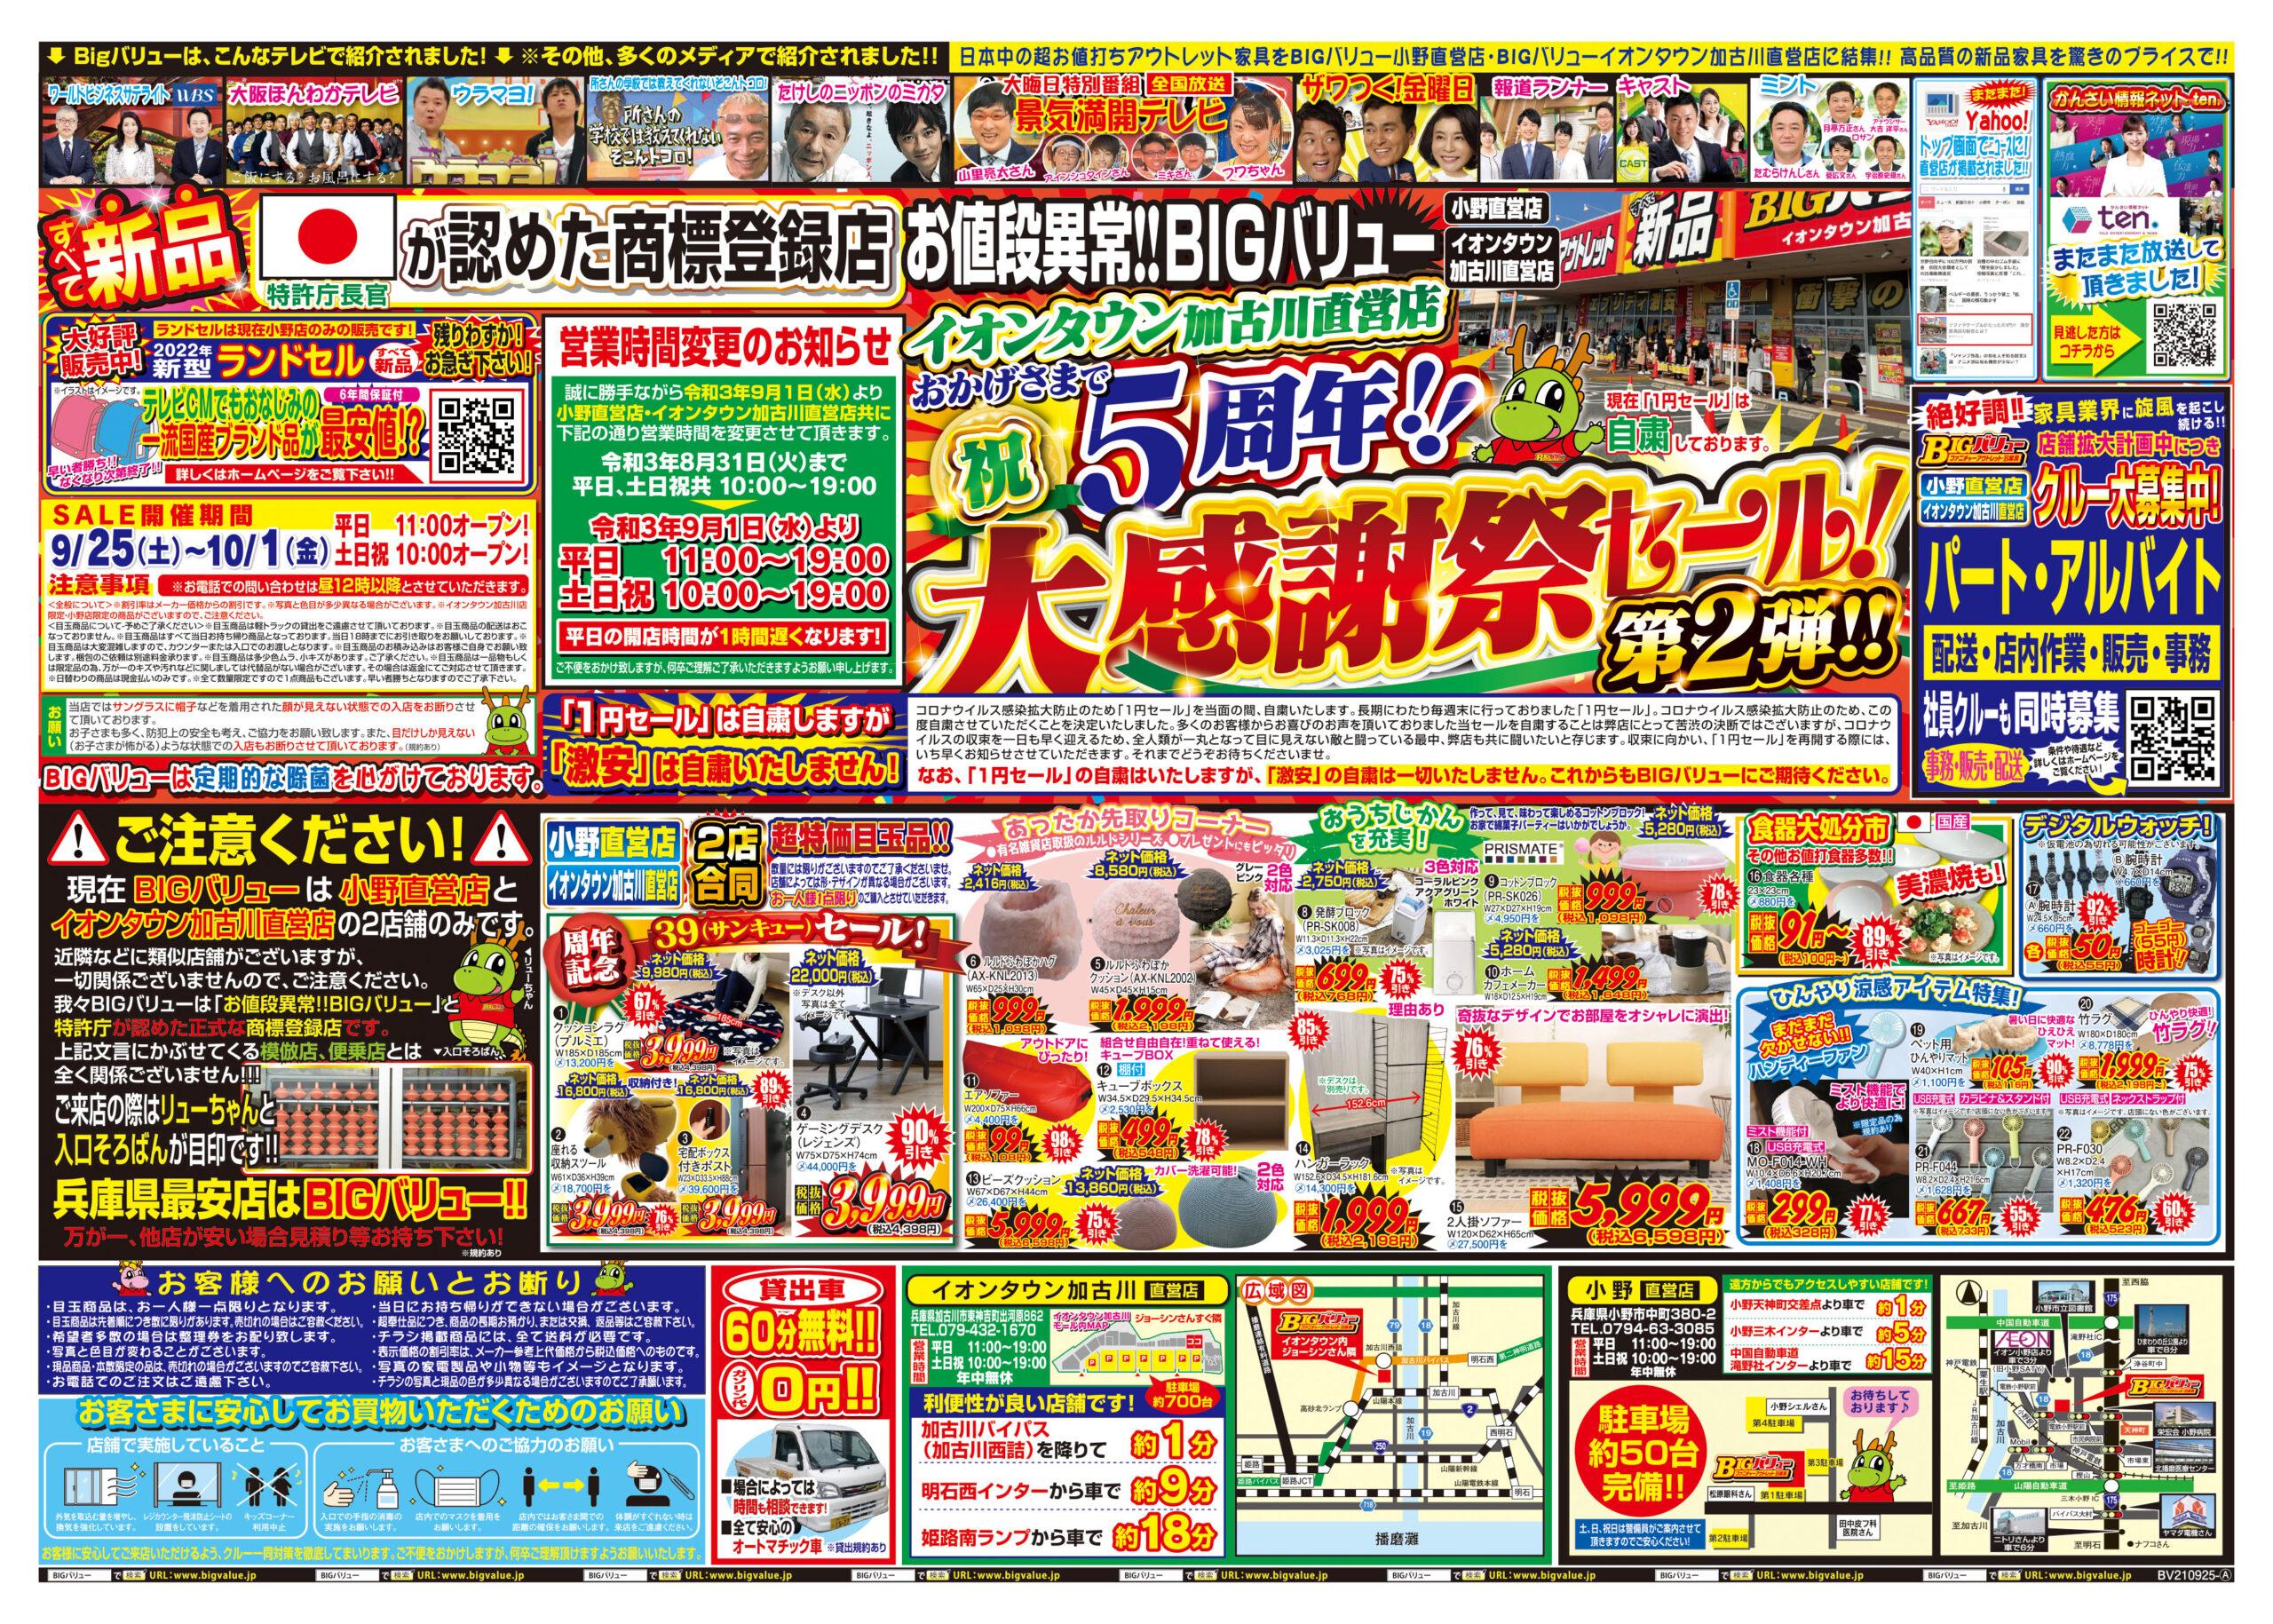 チラシ情報2021年9月25日~10月1日 小野店/イオンタウン加古川店